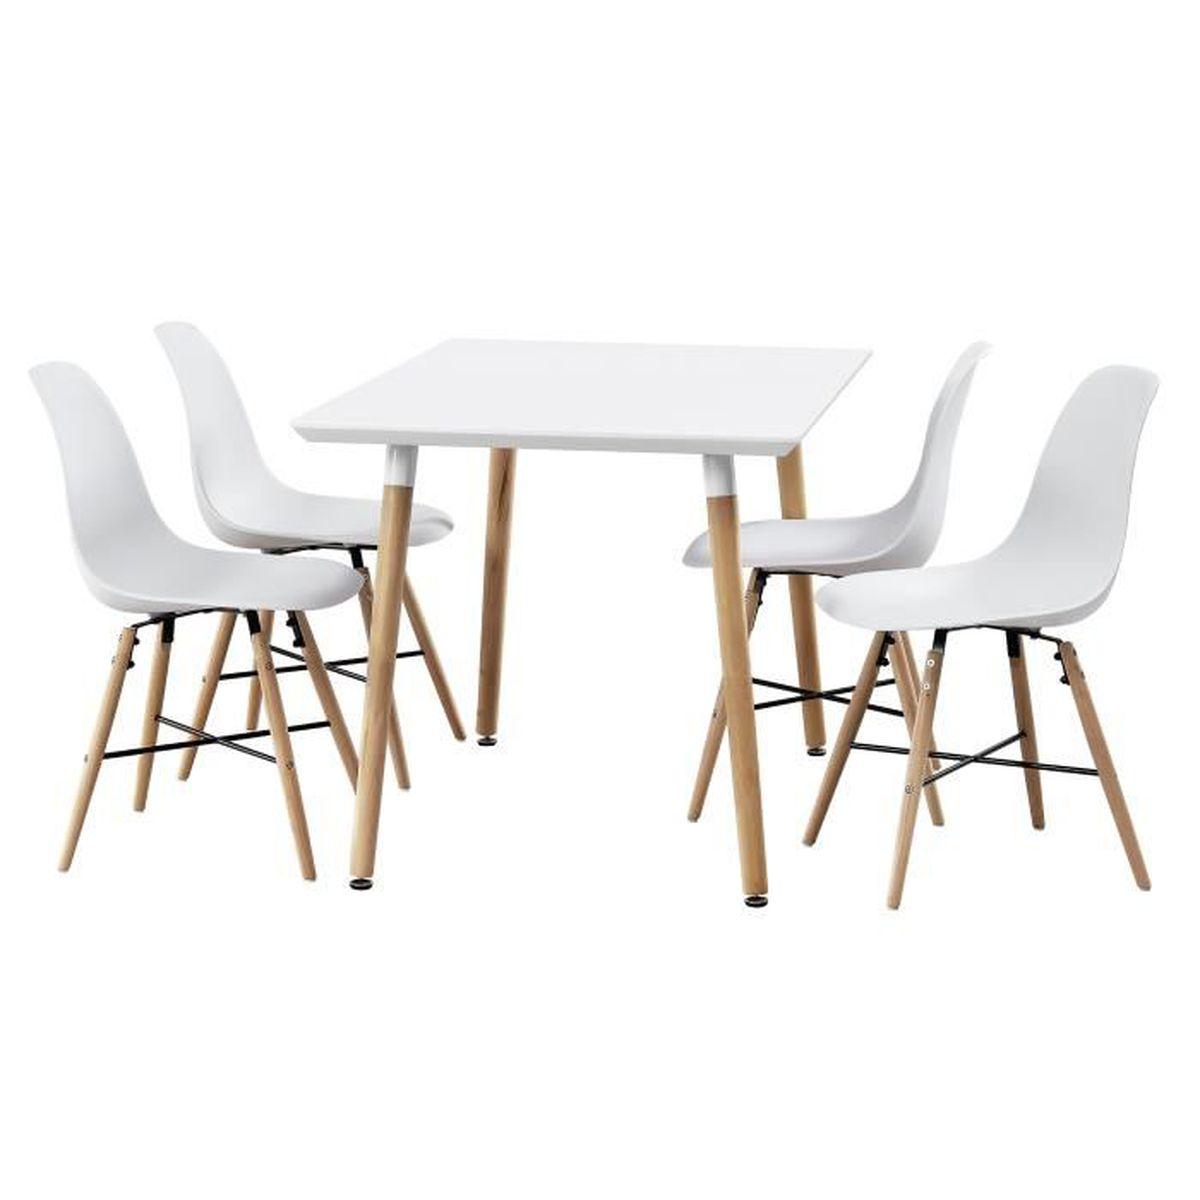 Table de salle manger bambou avec 4 chaises for Table de salle a manger avec chaise